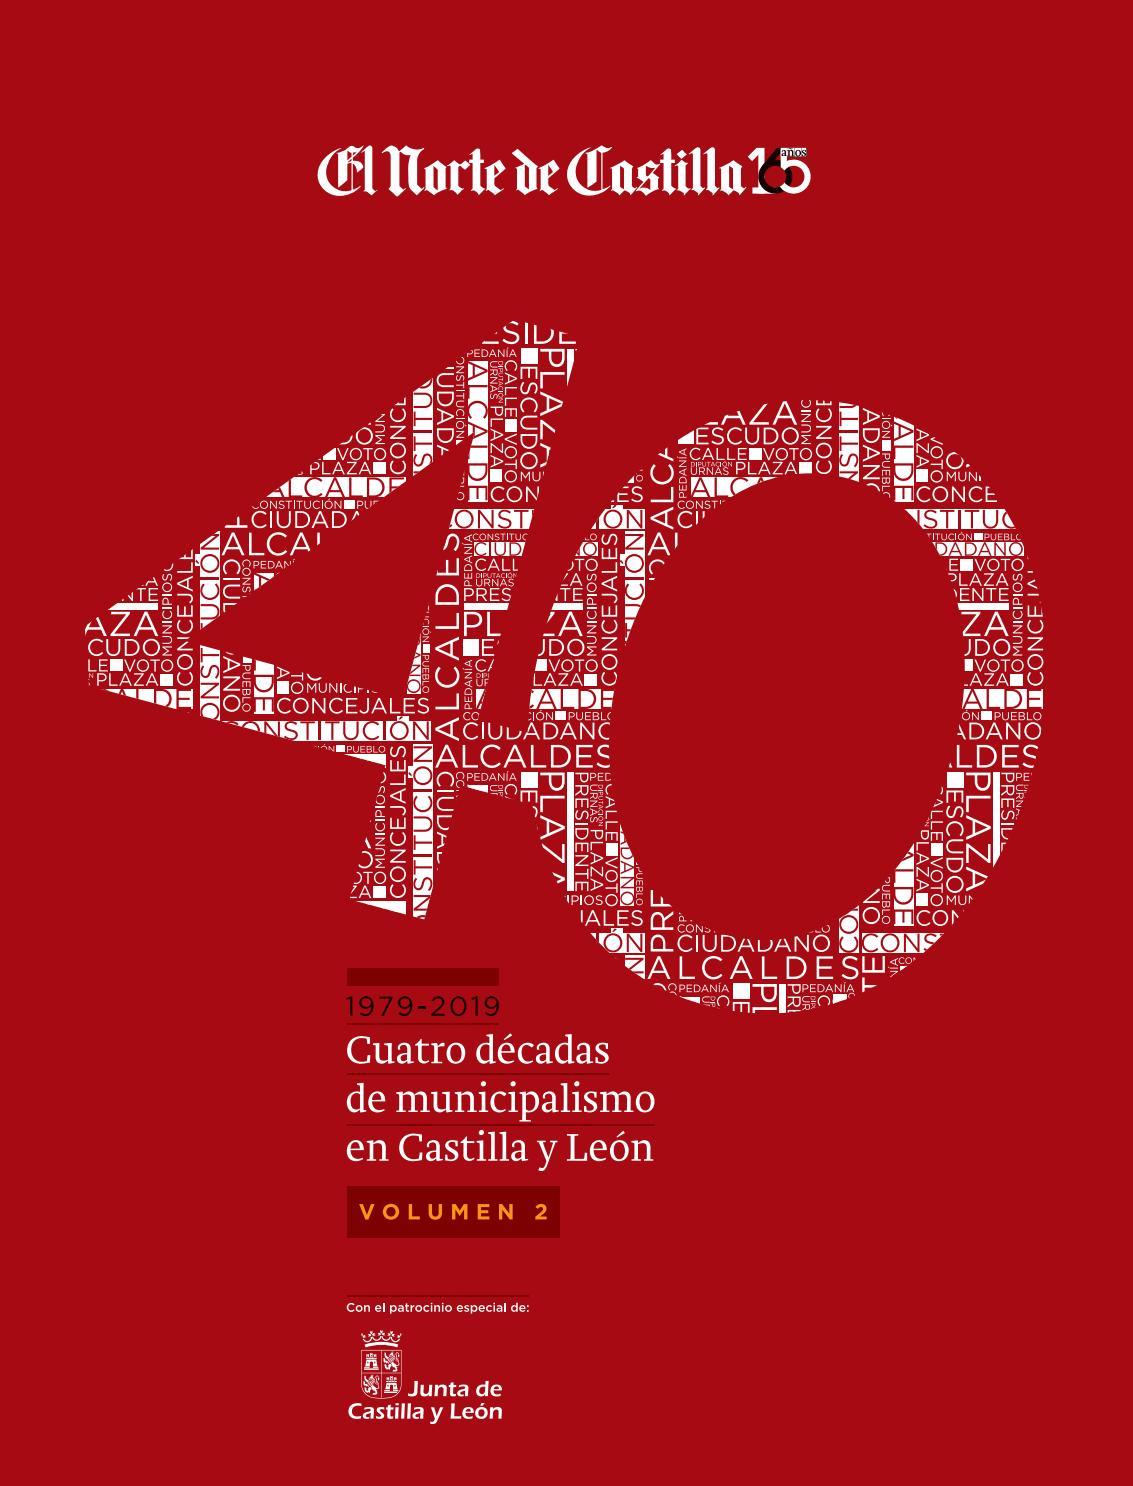 40 Años De Municipalismo Palencia Pueblos By El Norte De